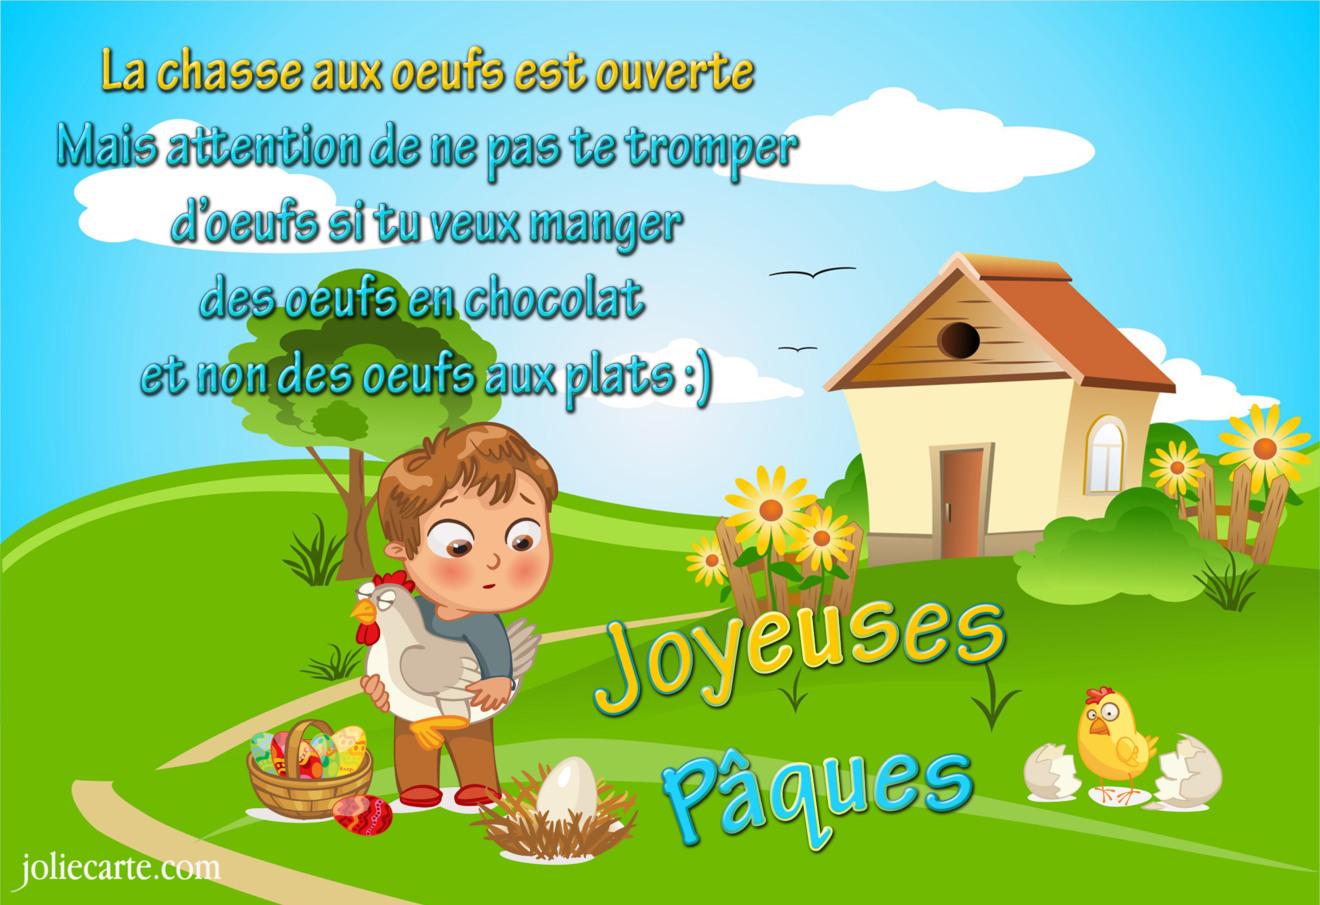 Cartes virtuelles paques chasse aux oeufs joliecarte - Image pour paques gratuites ...